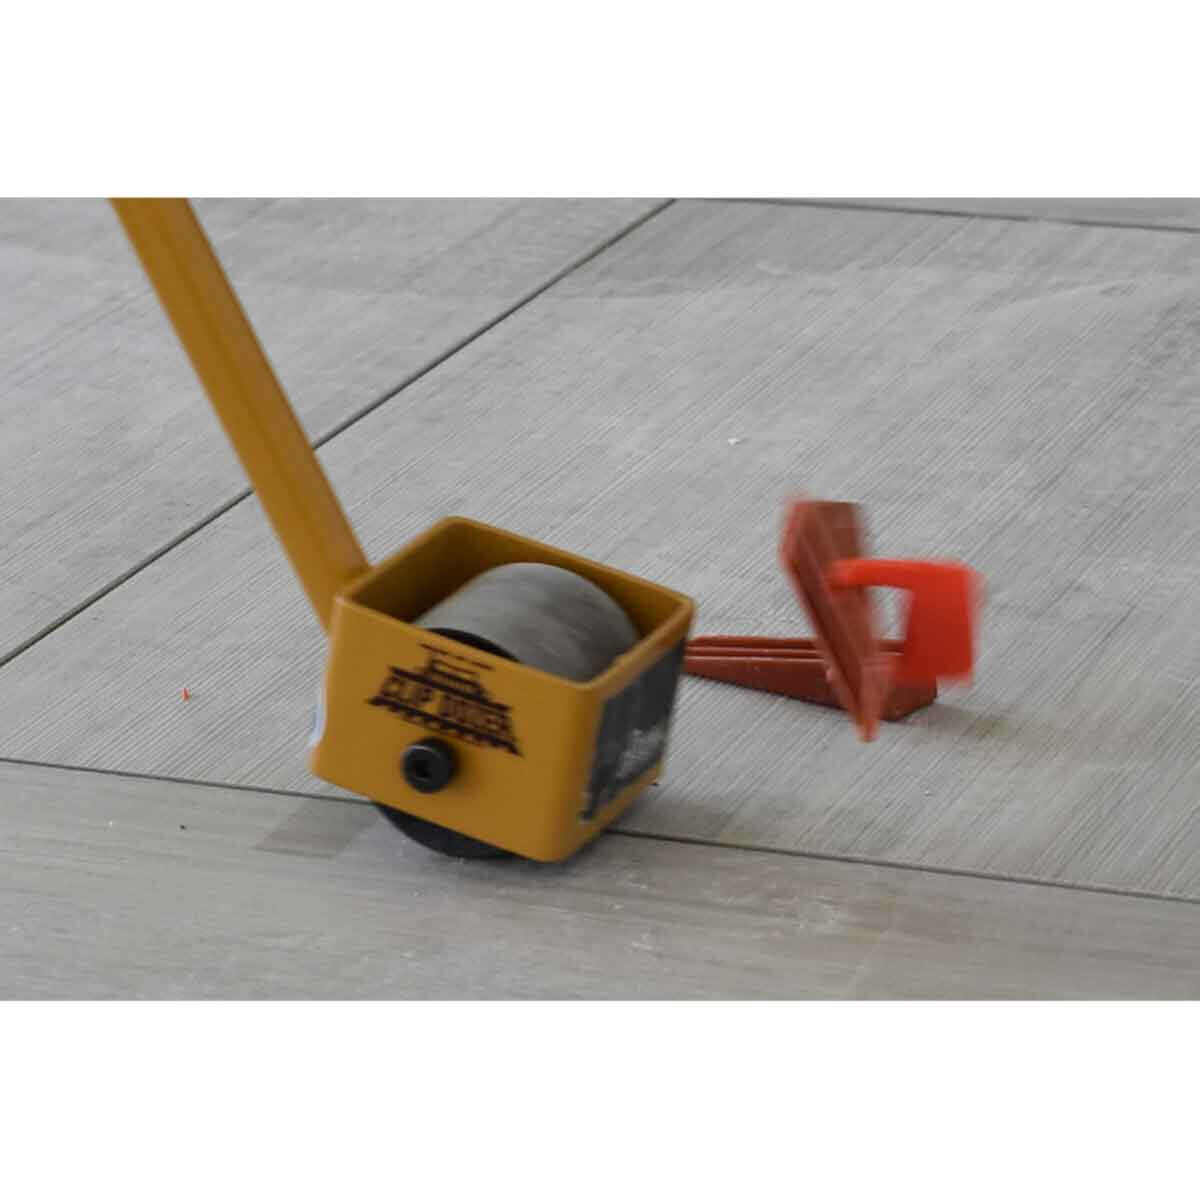 Donnelly raimondi rls Clip Dozer remove clip and wedge fast